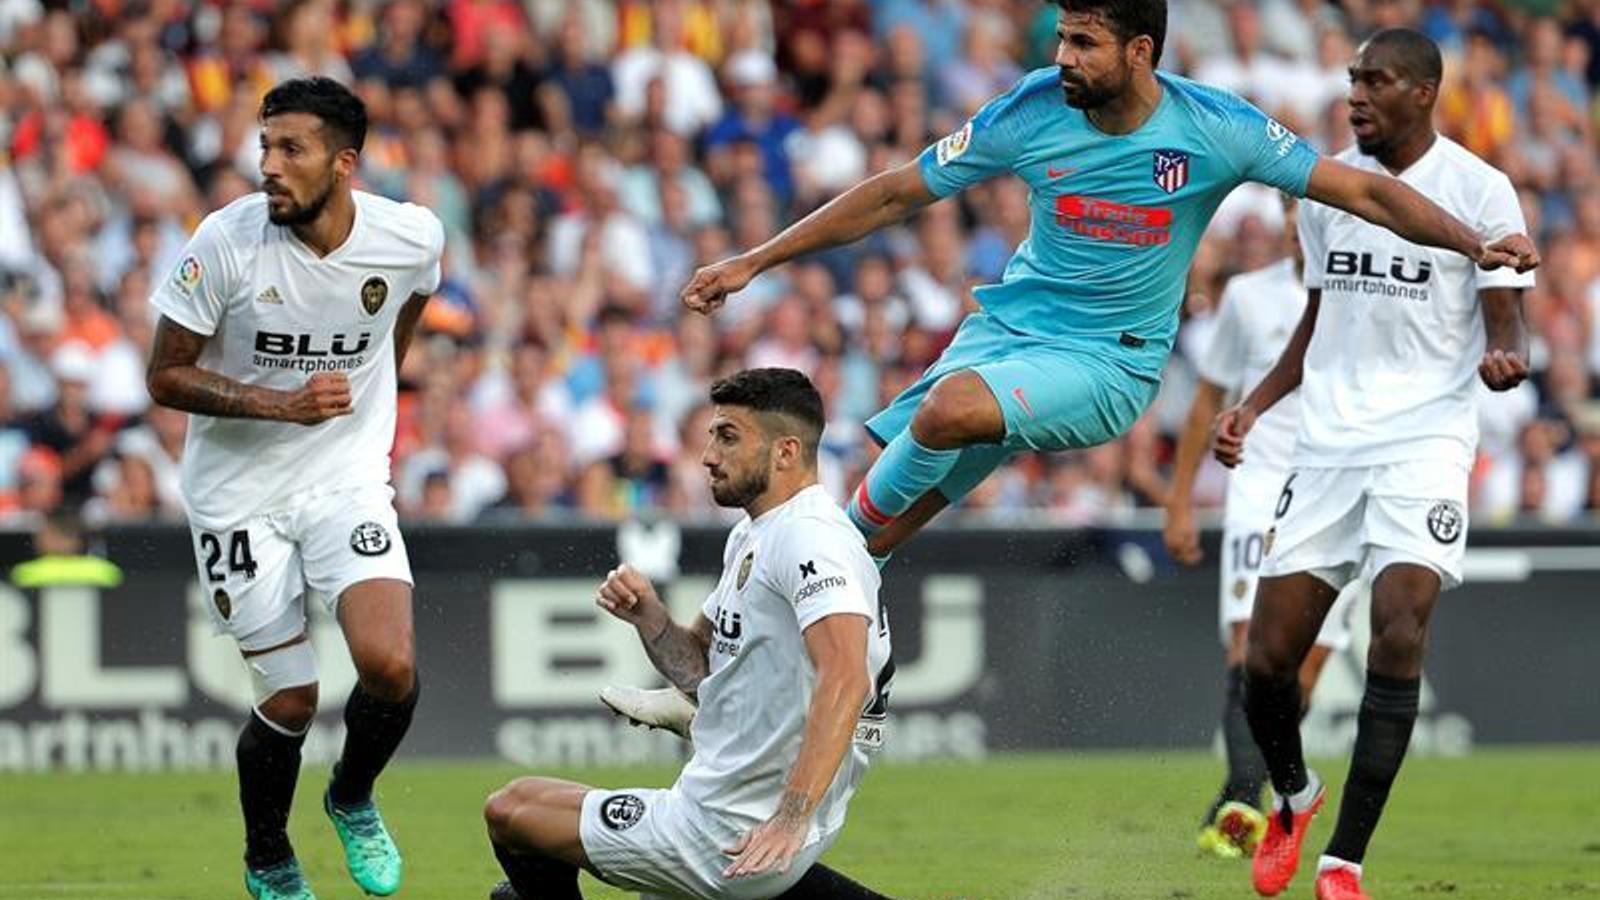 Empat entre València i Atlètic en un partit molt intens a Mestalla (1-1)